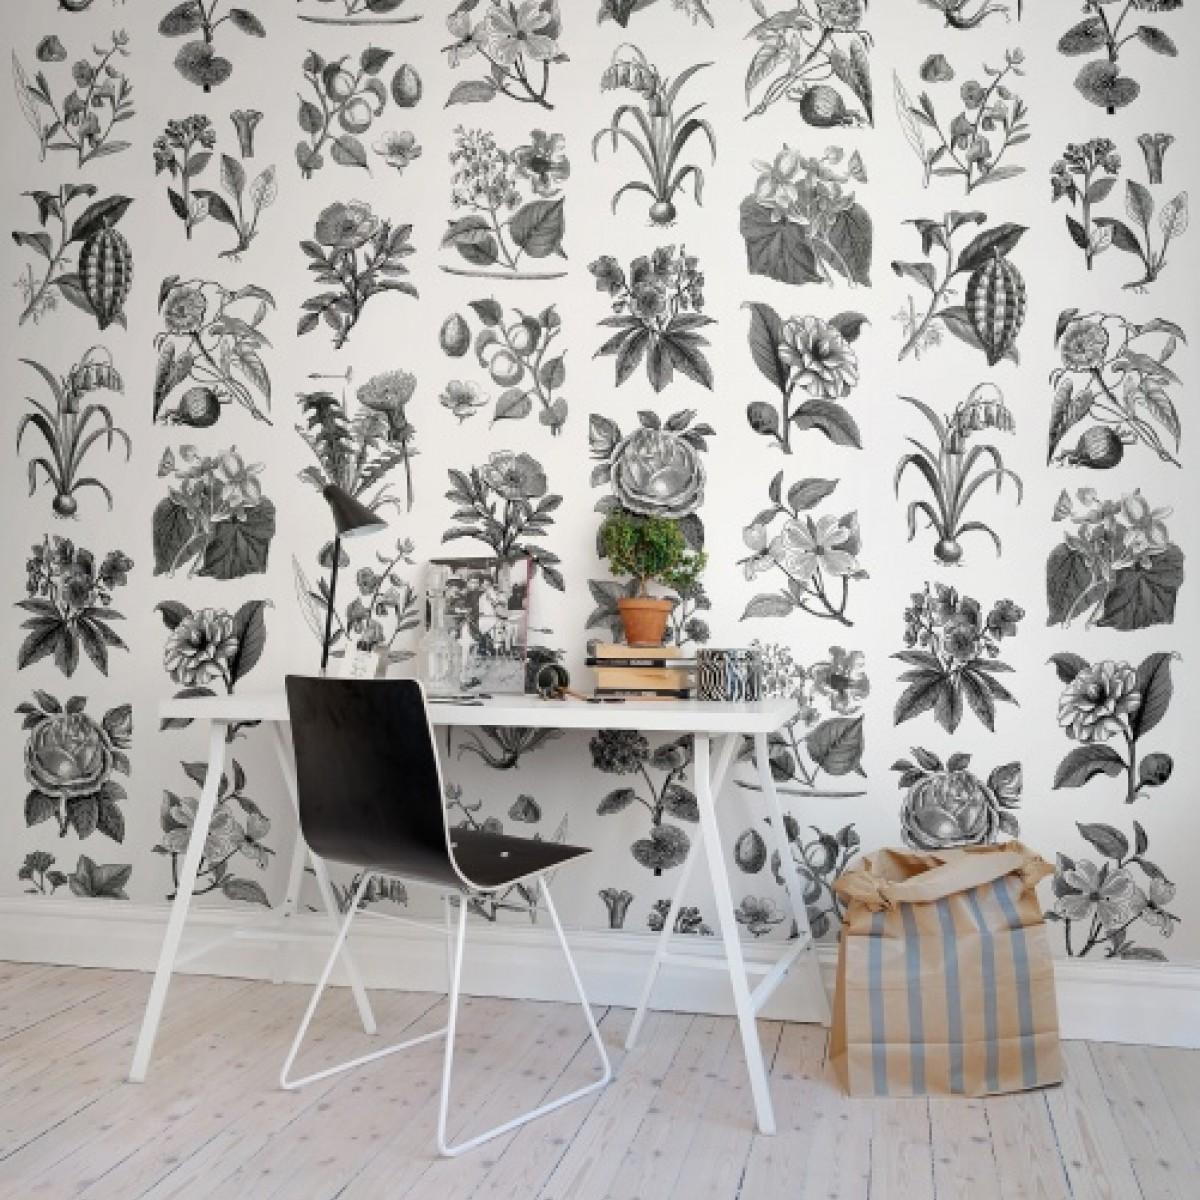 Fototapet Fructe si Flora, personalizat, Rebel Walls